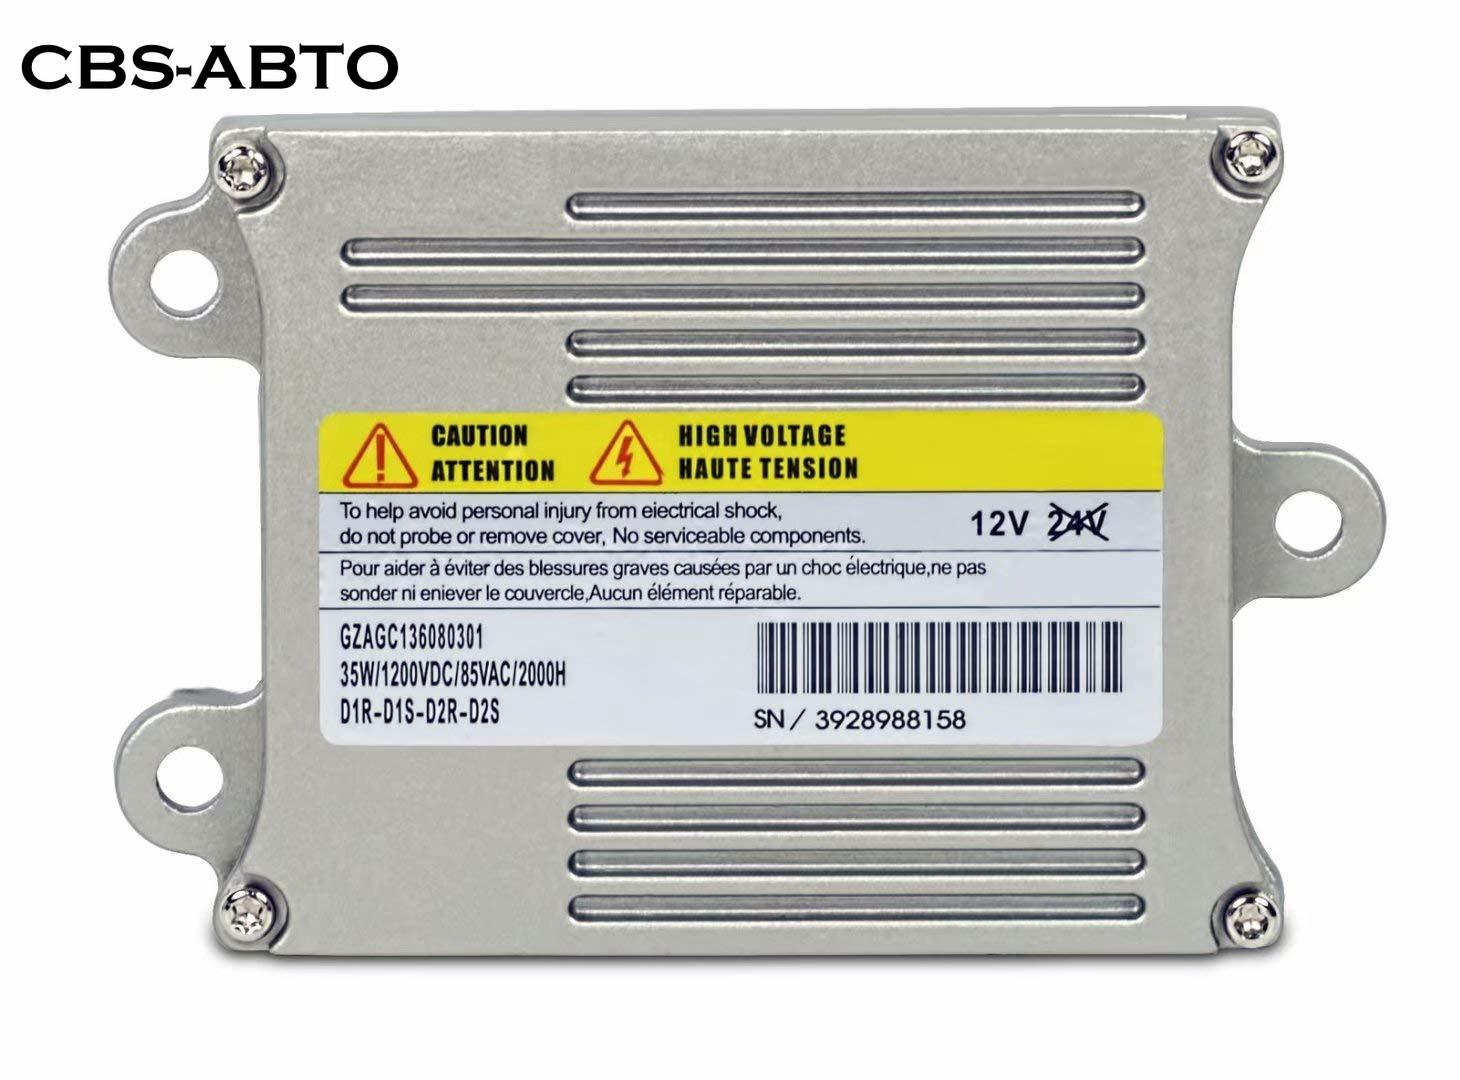 CBS ABTO HID Xenon Ballast 93235016 For VW CC Aston Martin Igniters Retrofit Headlight Control Module For Denso Koito